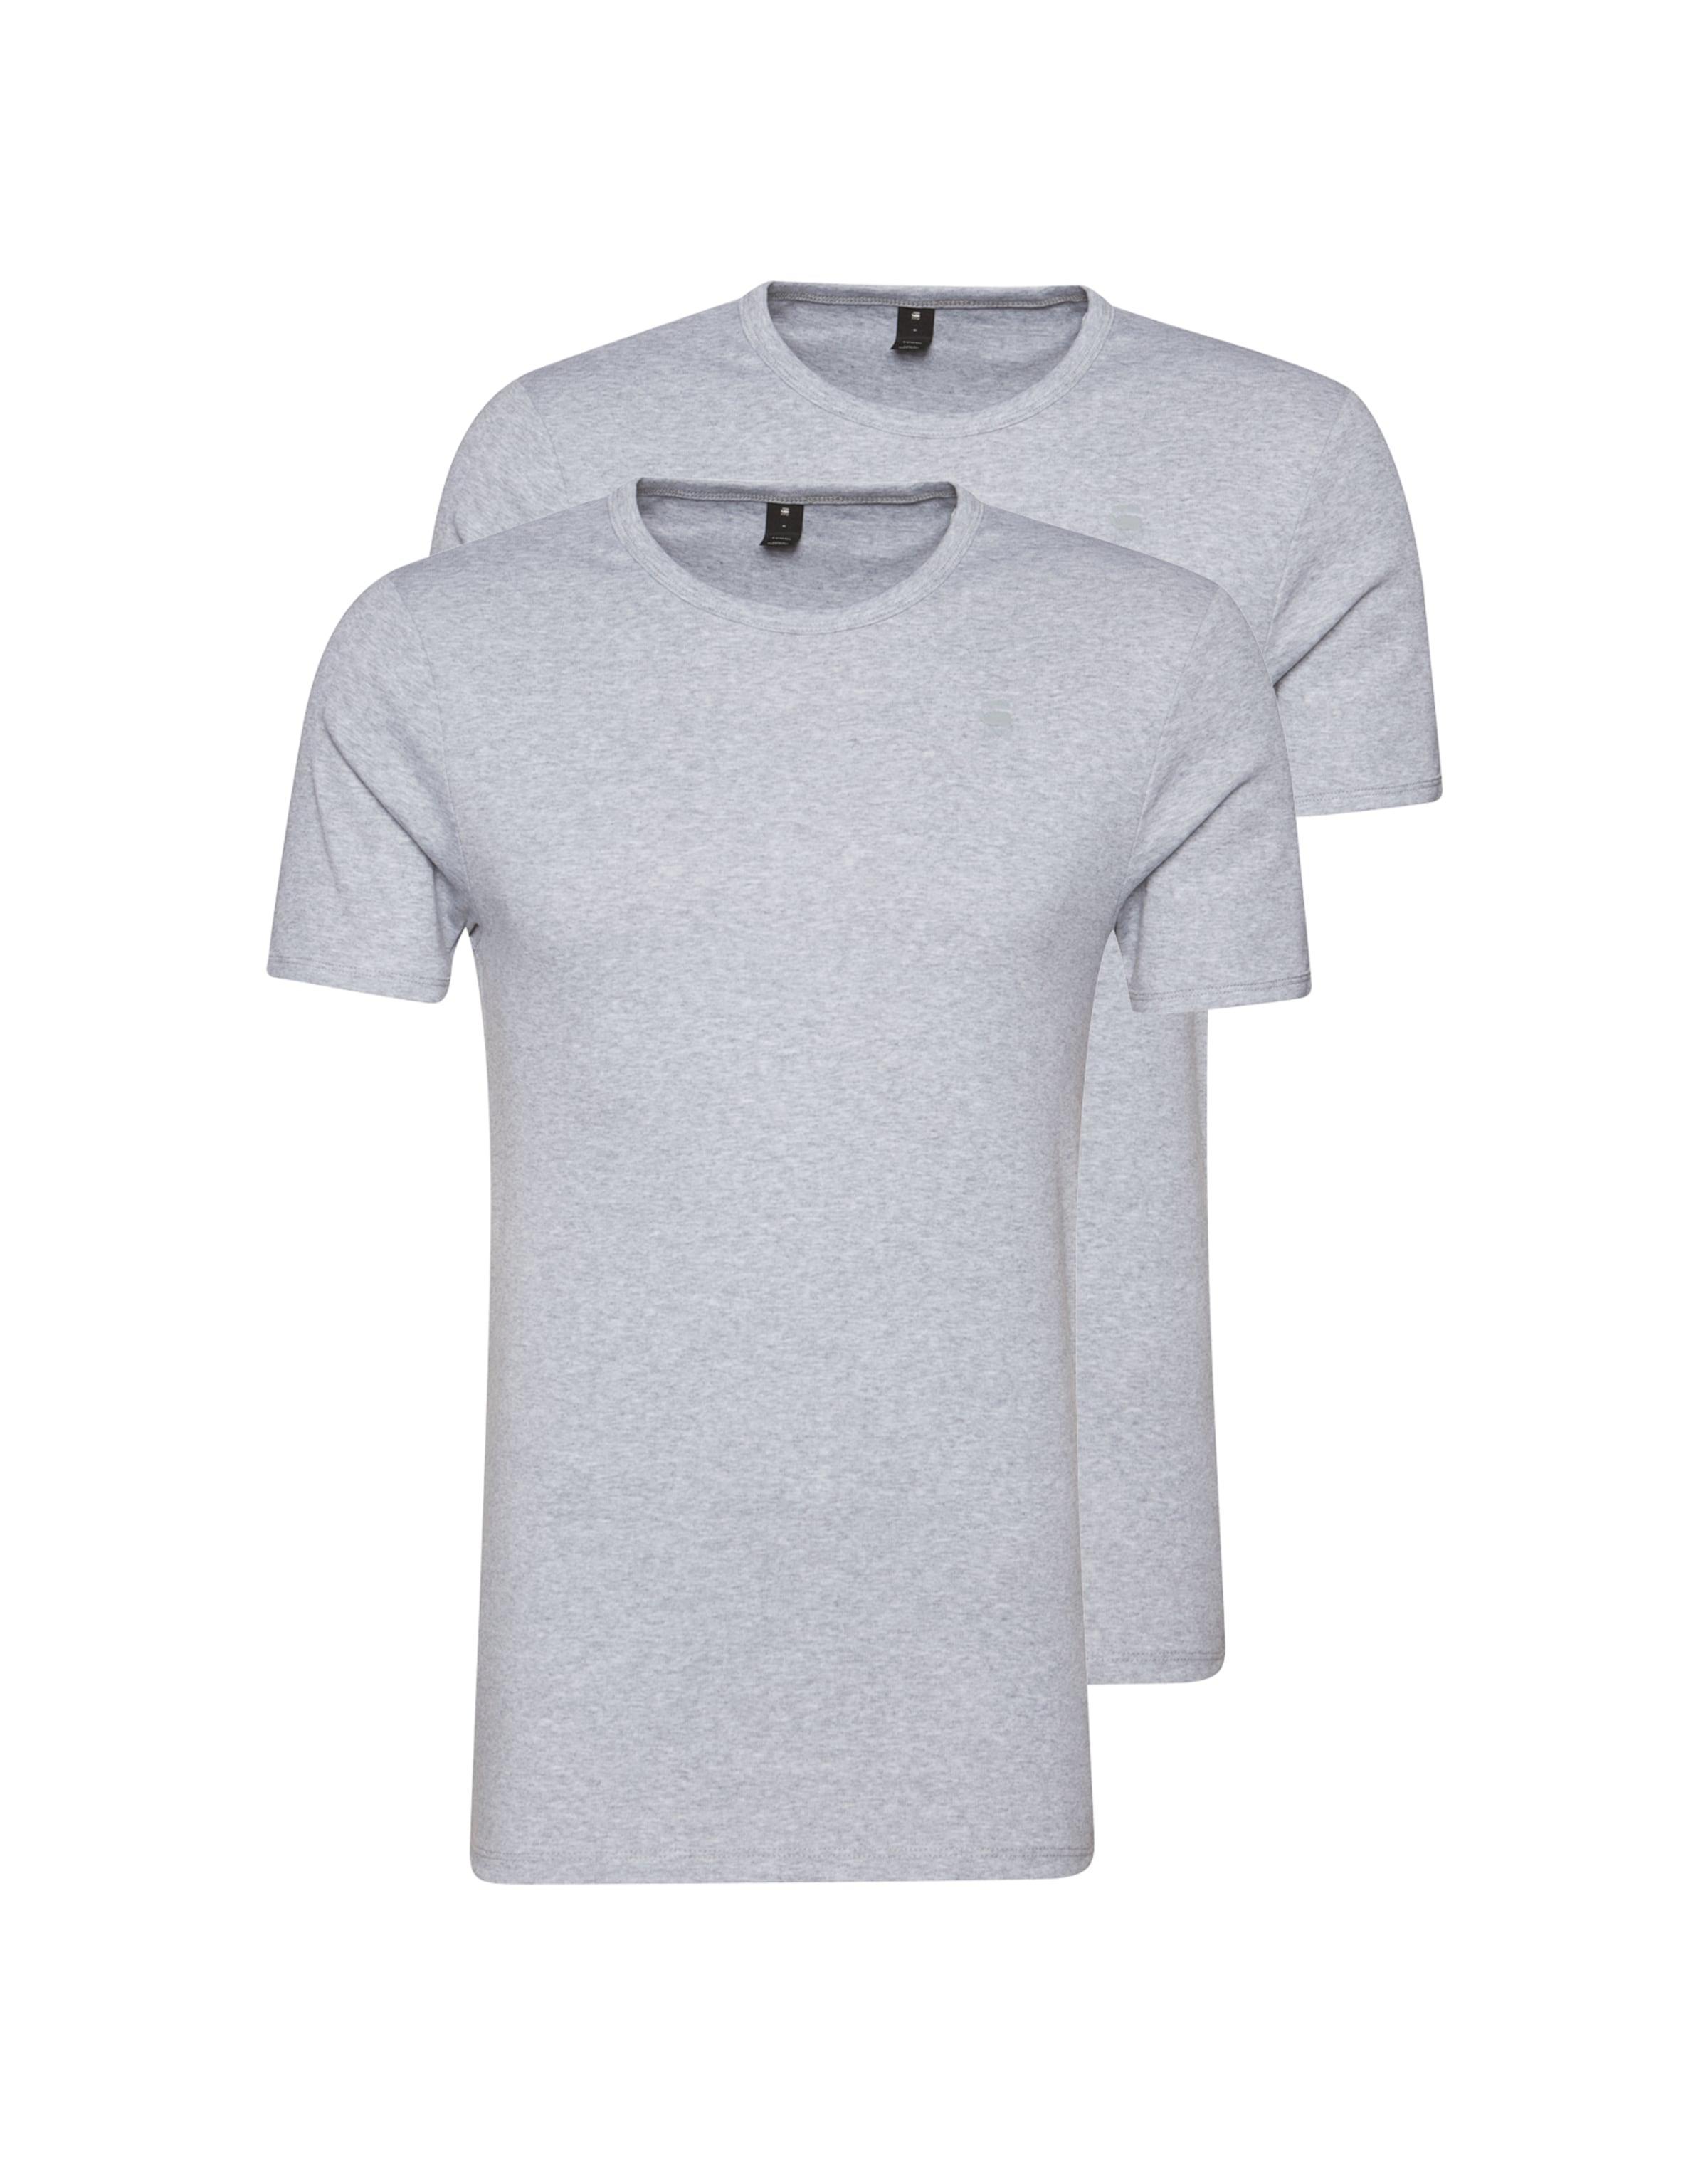 star G Raw 'base' Chiné T En shirt Gris lTFKc1J3